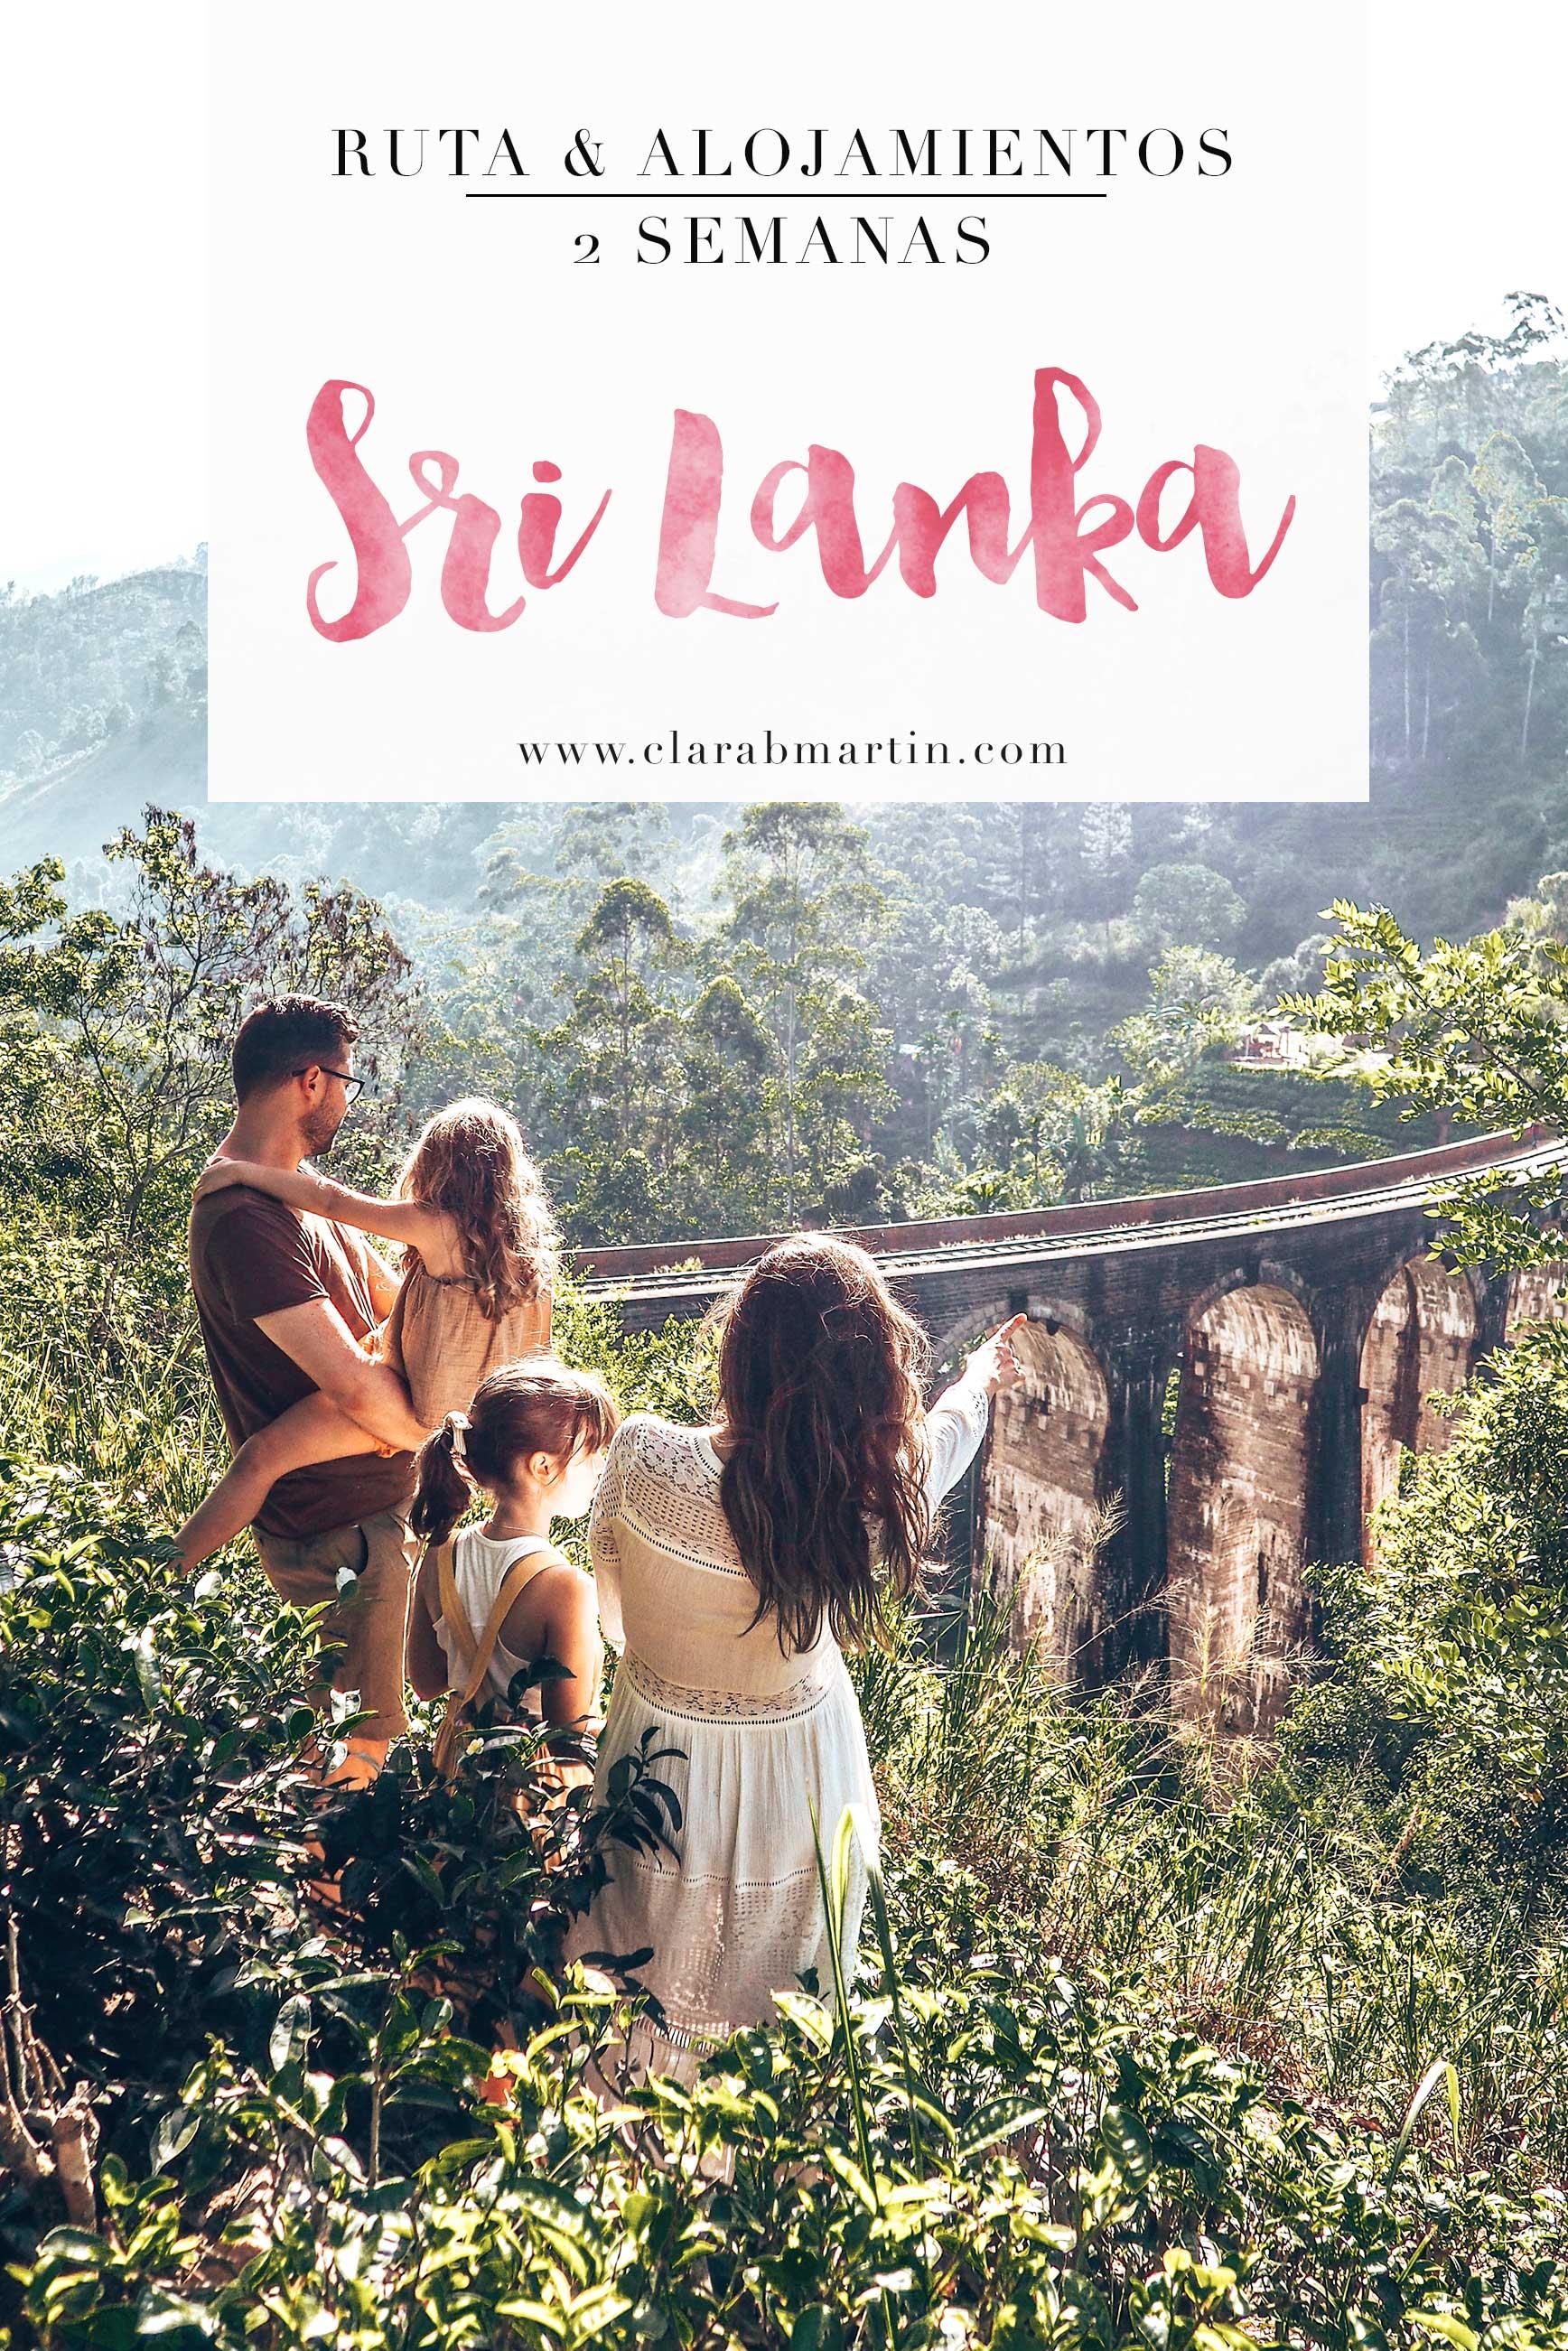 Viaje a Sri Lanka - Itinerario de viaje